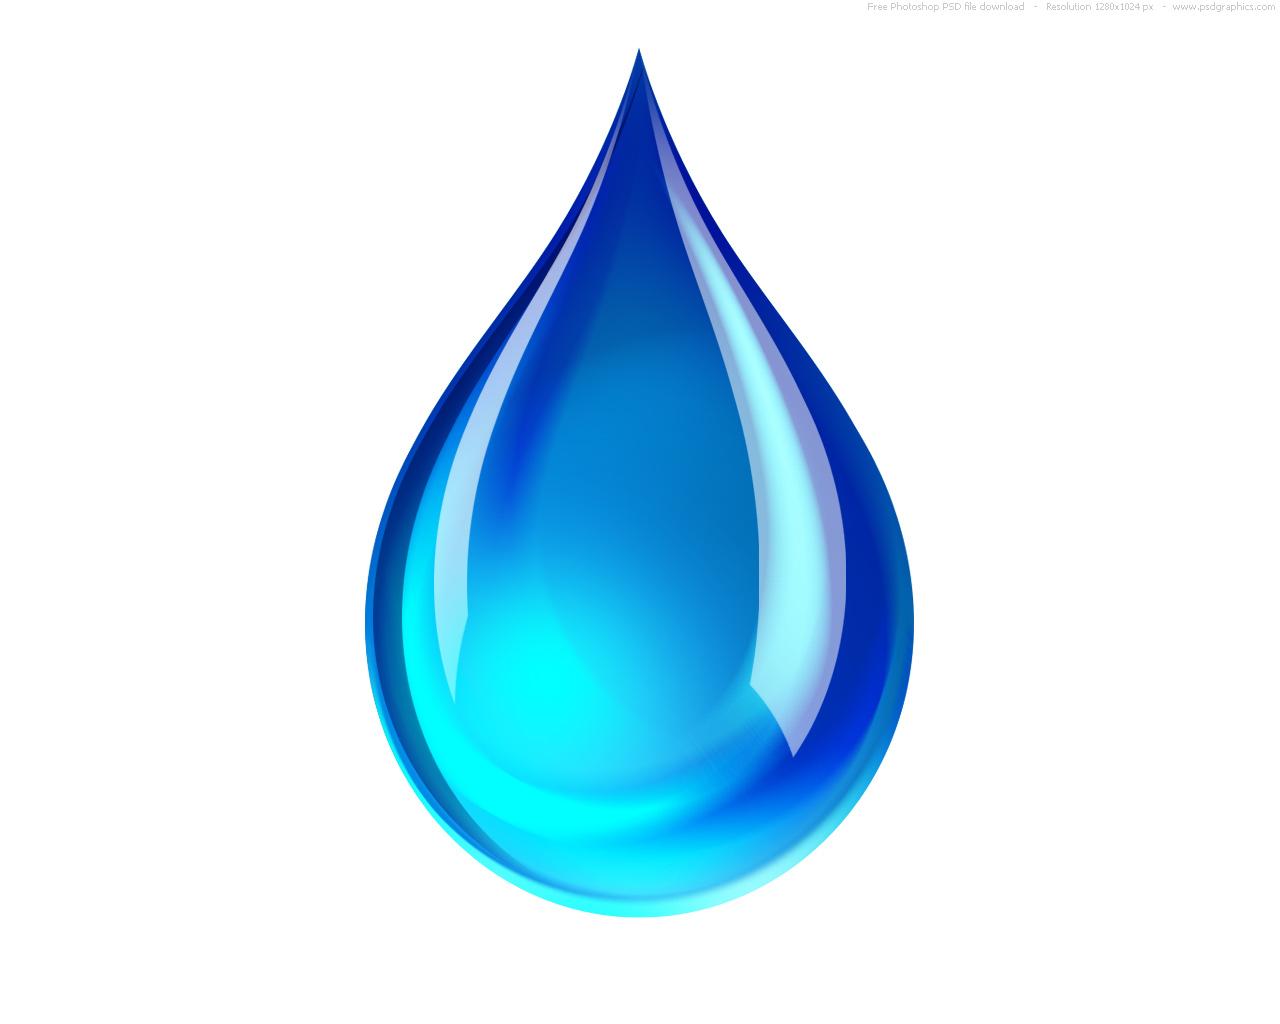 Water Drop Vector - ClipArt Best